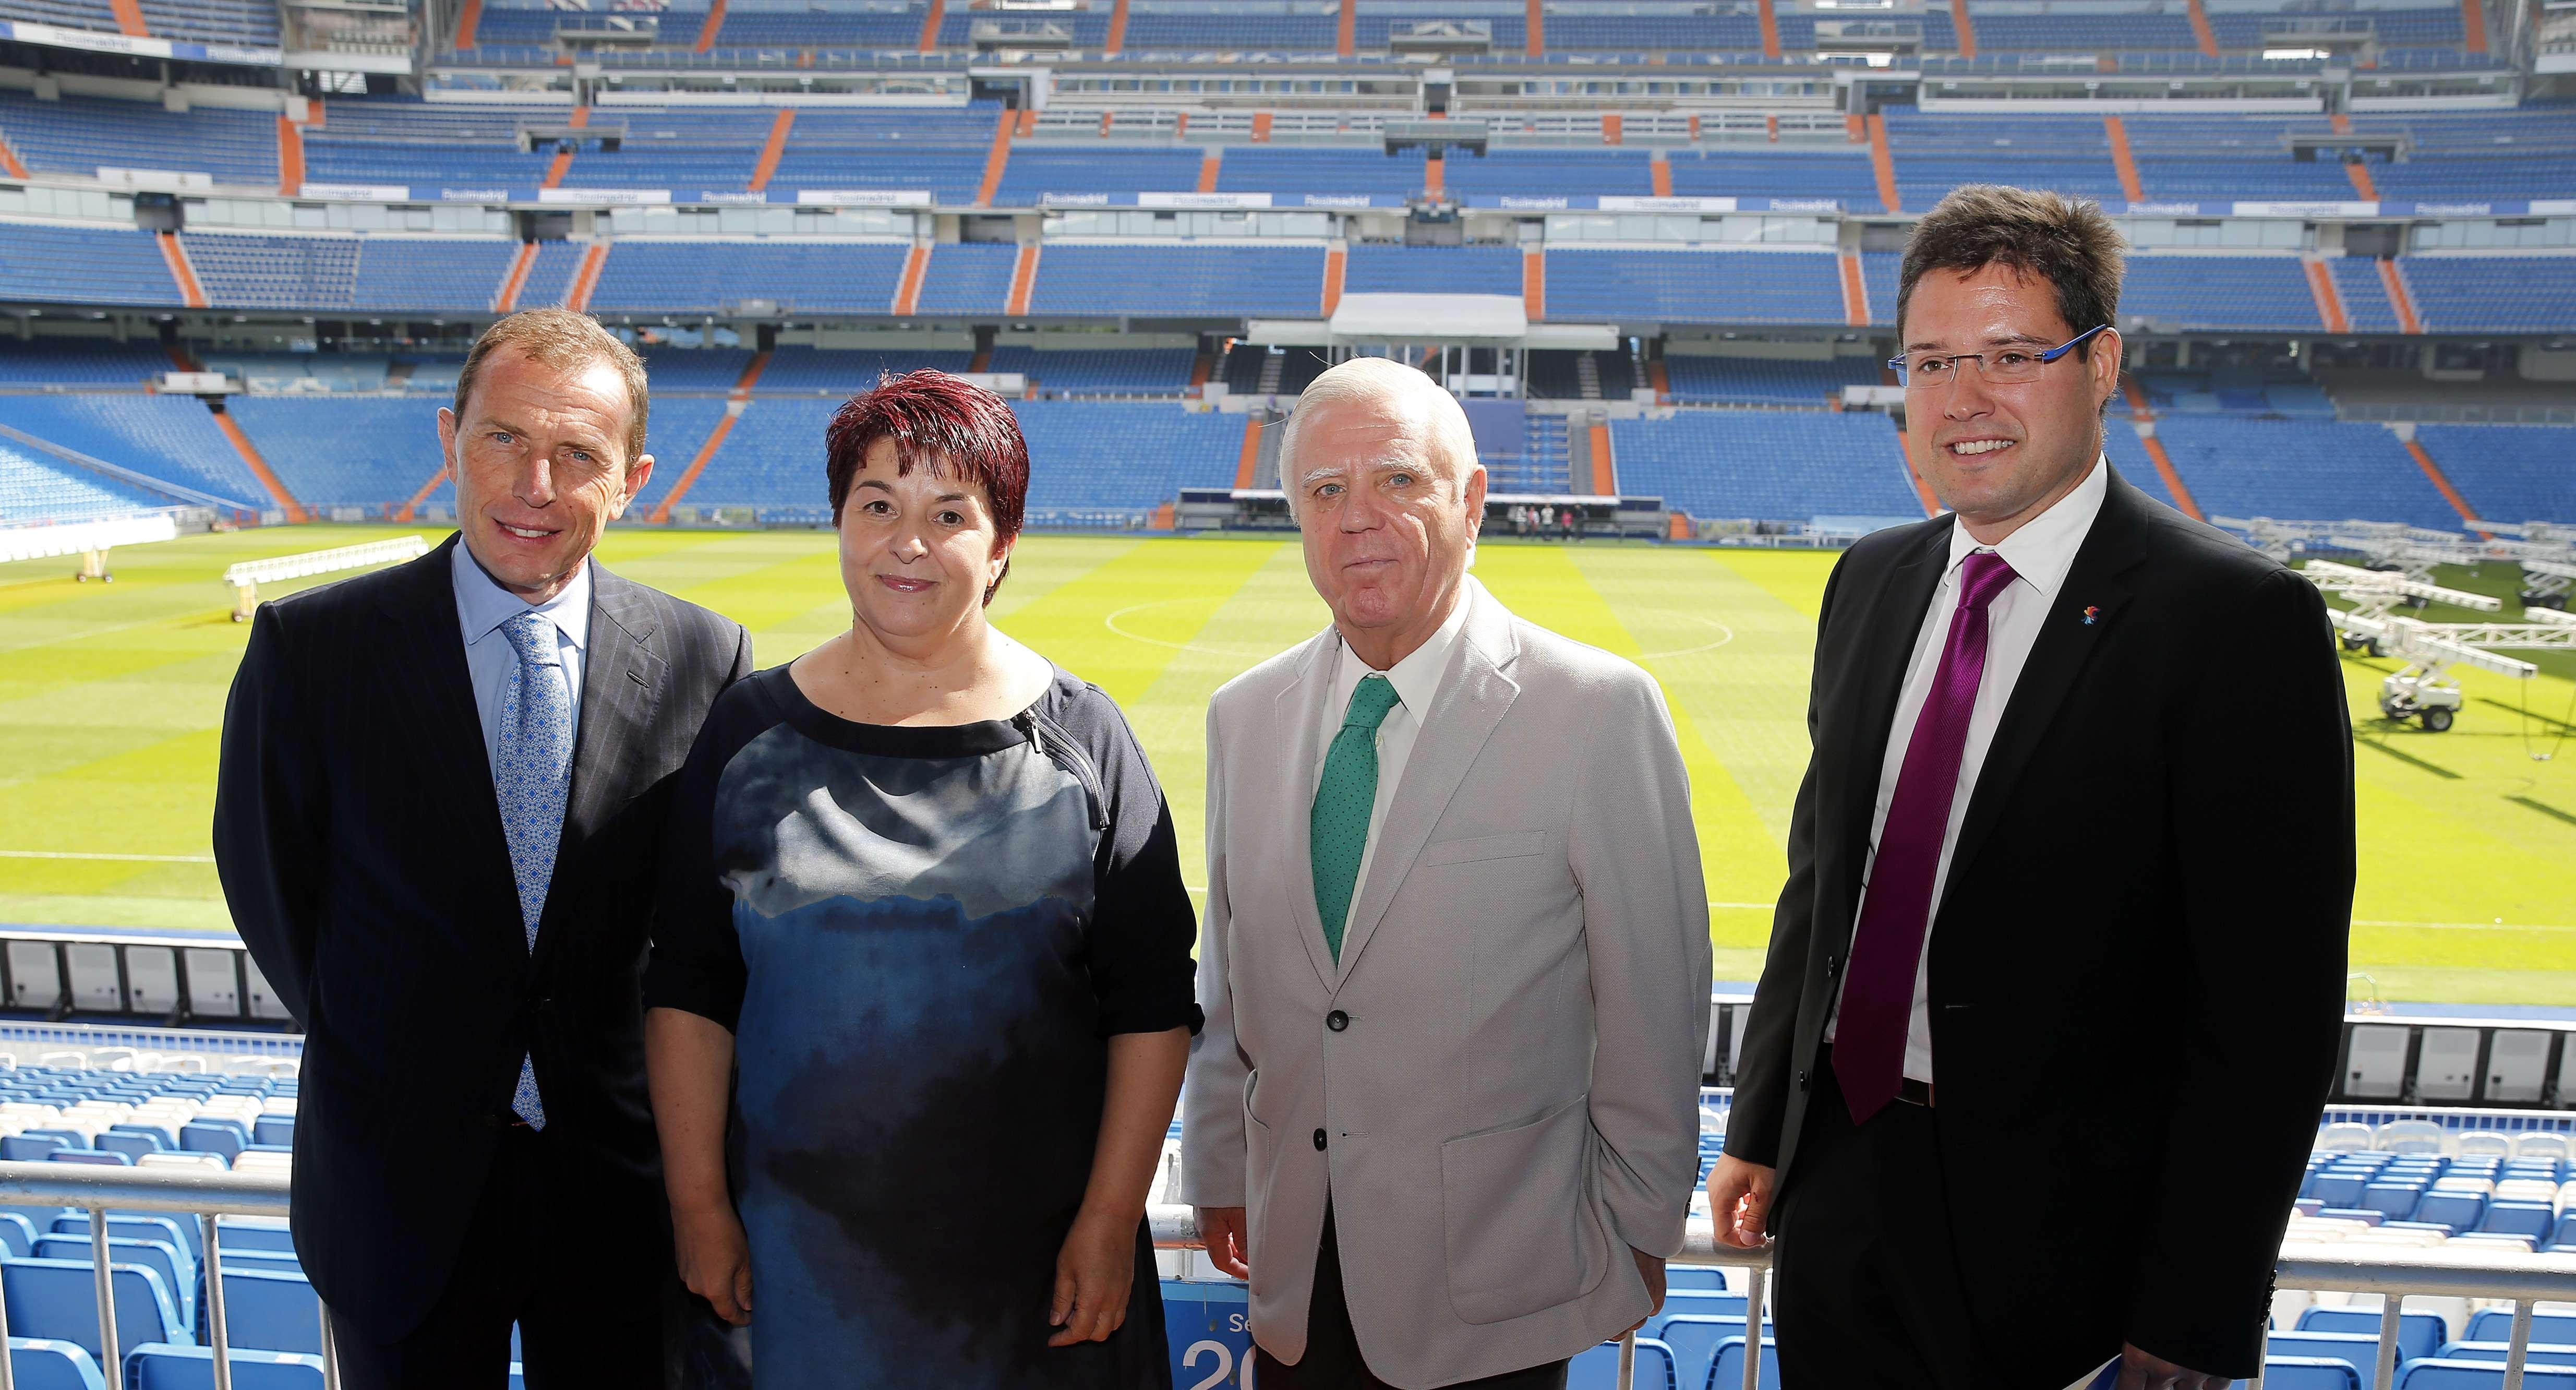 2014-09-26  Convenio Fundación Real Madrid_4938x2664